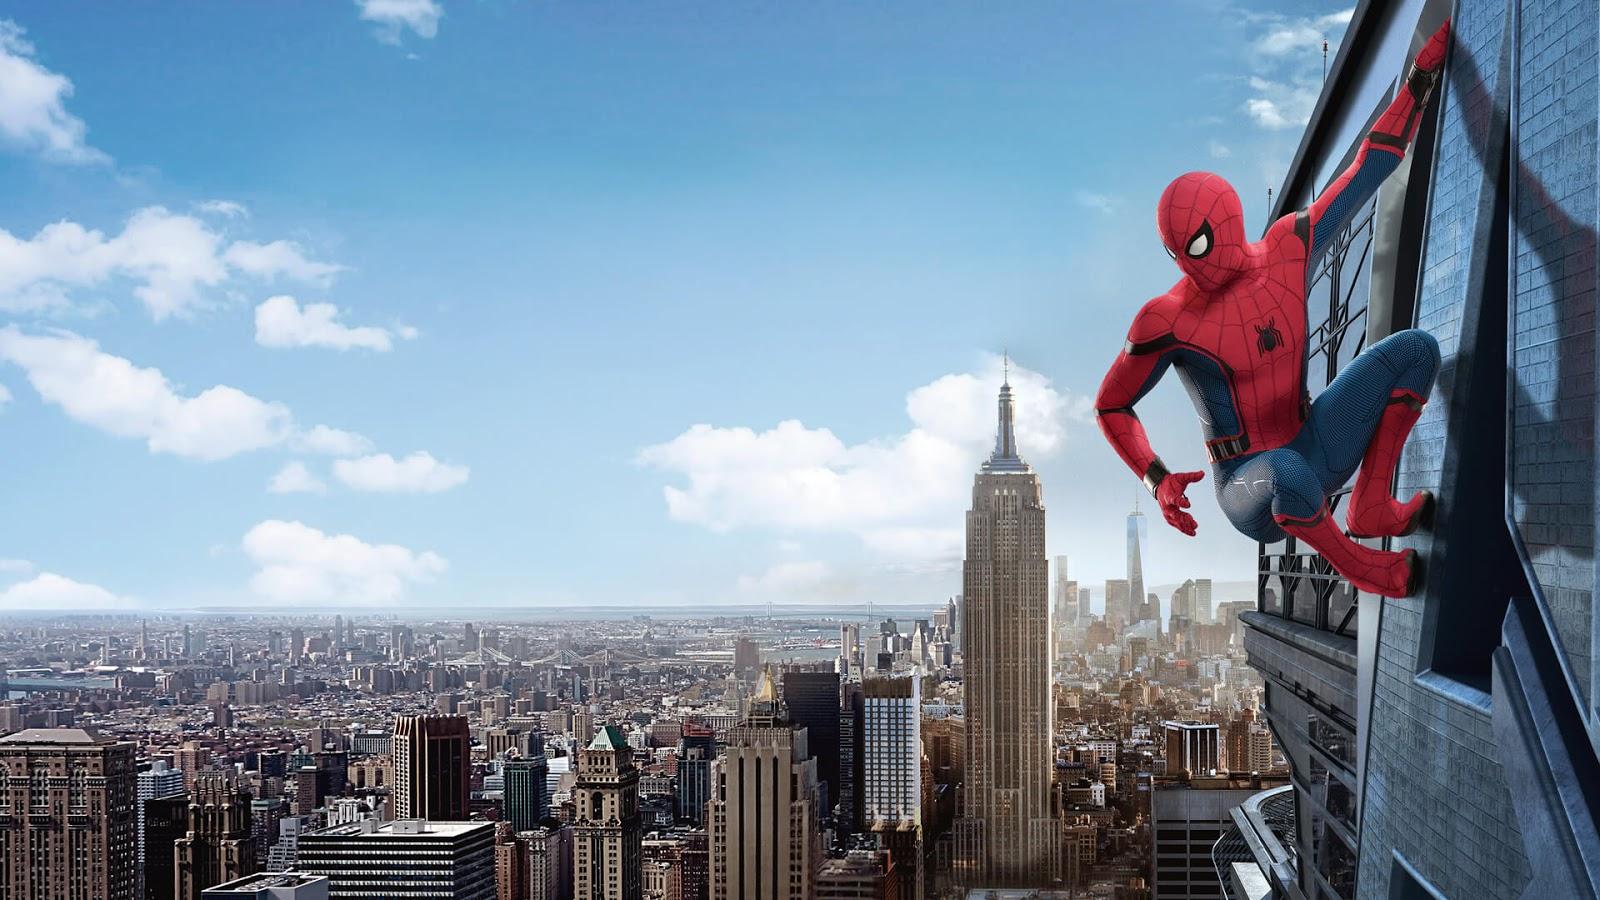 Saiu! Trailer de Homem-Aranha: De Volta ao Lar /  Vem ver!